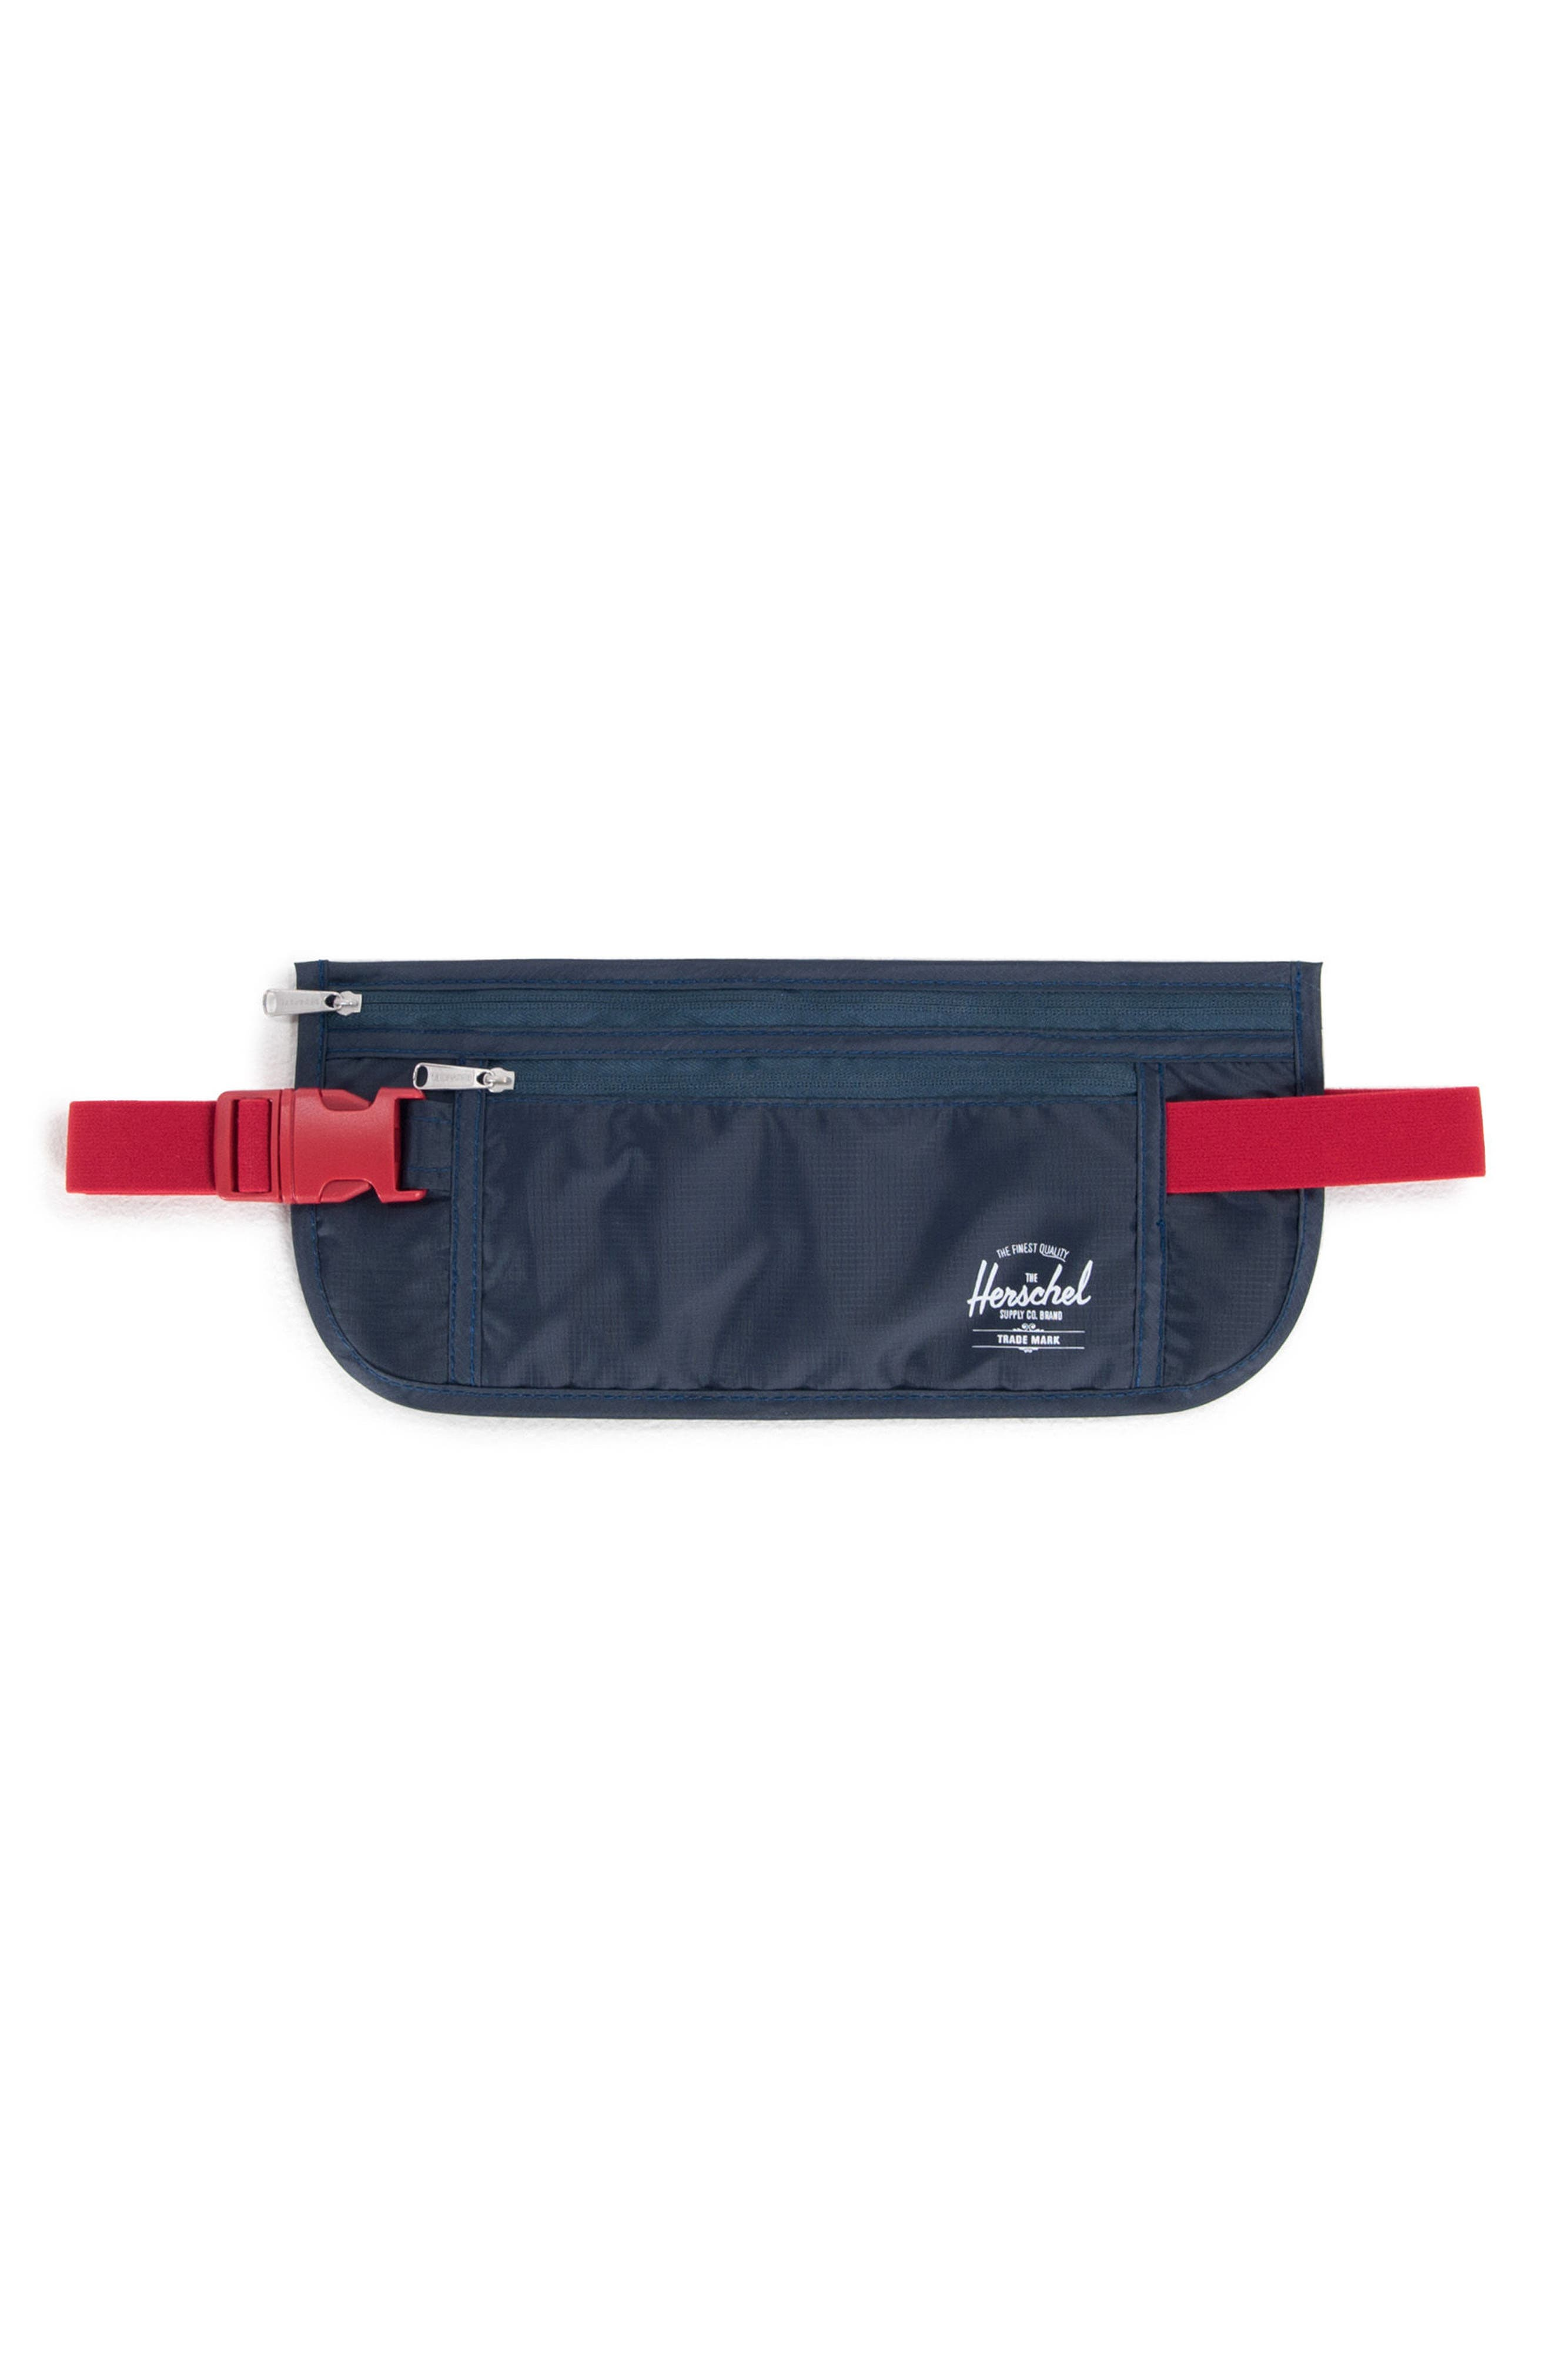 HERSCHEL SUPPLY CO. Money Belt, Main, color, NAVY/ RED